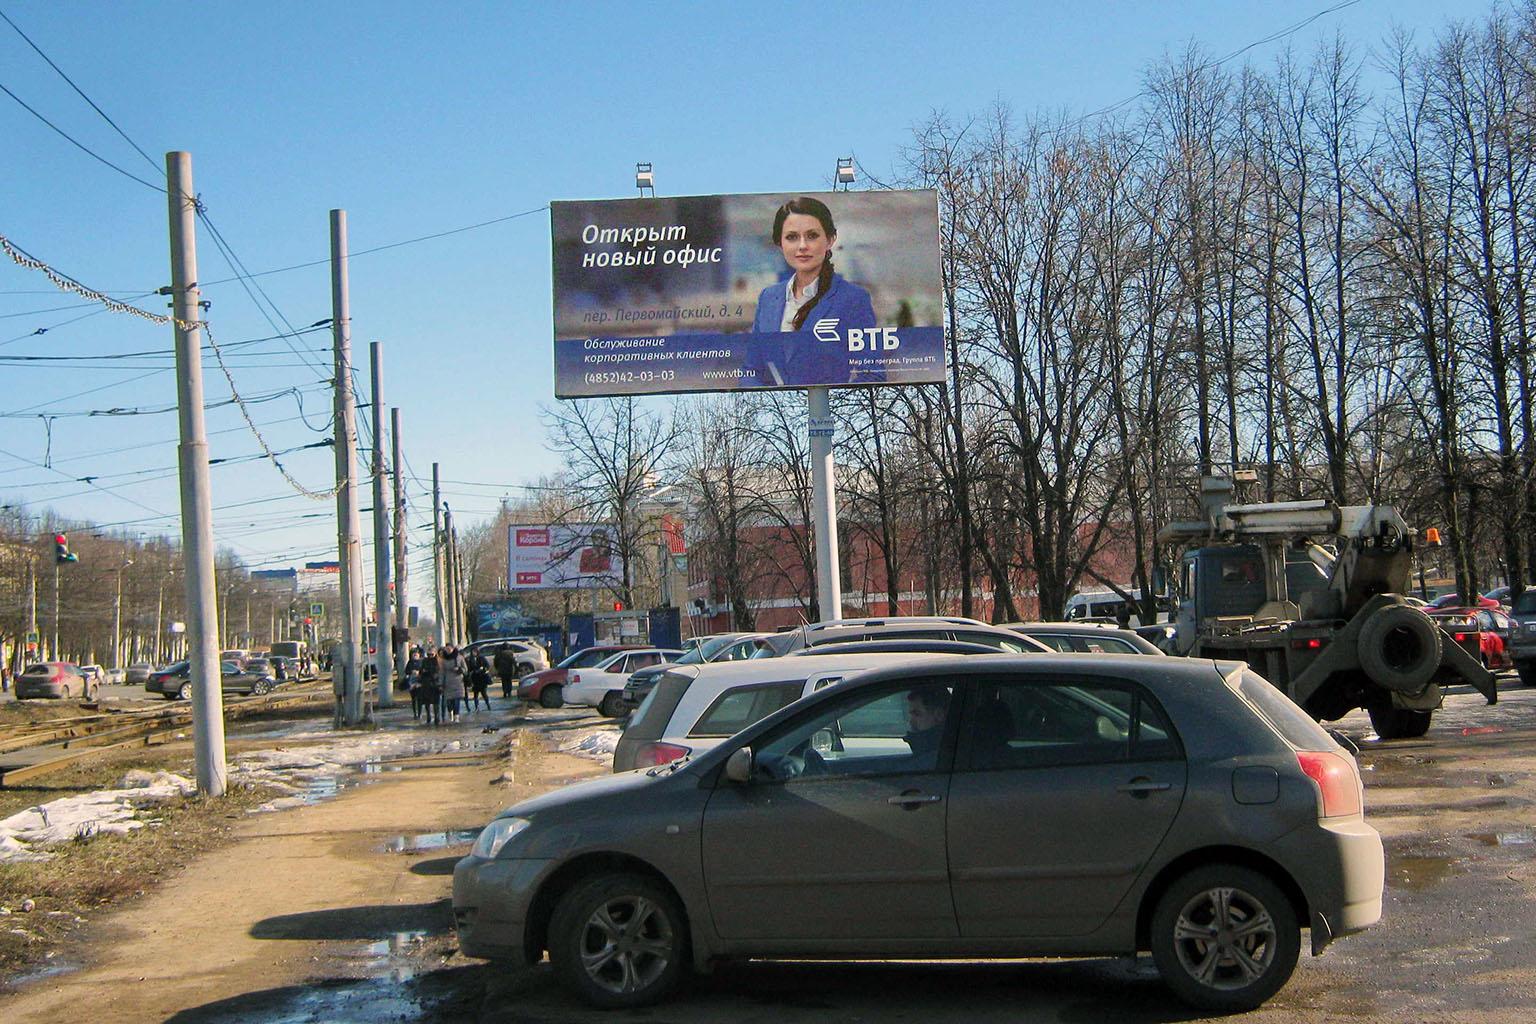 Открытие офиса «ВТБ» в г. Ярославле - билборд пр-т Октября